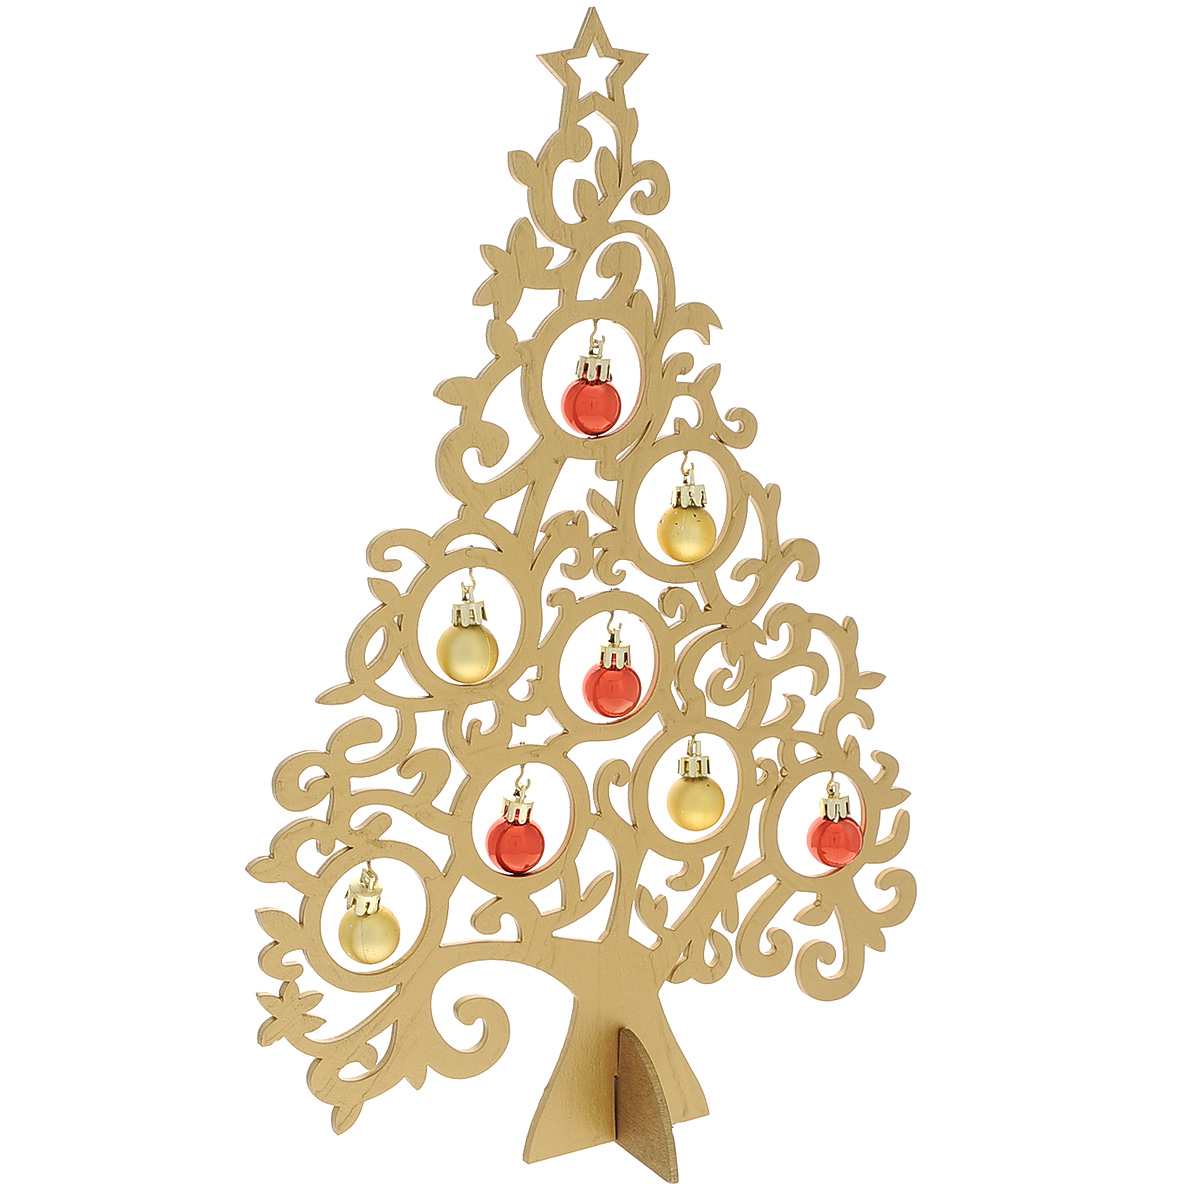 Новогодняя ель с игрушками Ажур, цвет: золотистый, 37 см. 35695141-432Новогодняя ель с игрушками Ажур изготовлена из древесины тополя. В комплект к ели прилагаются пластиковые шарики, а также подставка.Красивое новогоднее украшение будет готово, стоит подвесить игрушки на елку. Новогодняя игрушка - символ Нового года. Она несет в себе волшебство и красоту праздника. Создайте в своем доме атмосферу веселья и радости, украшая новогоднюю елку нарядными игрушками, которые будут из года в год накапливать теплоту воспоминаний. Коллекция декоративных украшений принесет в ваш дом ни с чем несравнимое ощущение волшебства! Откройте для себя удивительный мир сказок и грез. Почувствуйте волшебные минуты ожидания праздника, создайте новогоднее настроение вашим дорогим и близким.